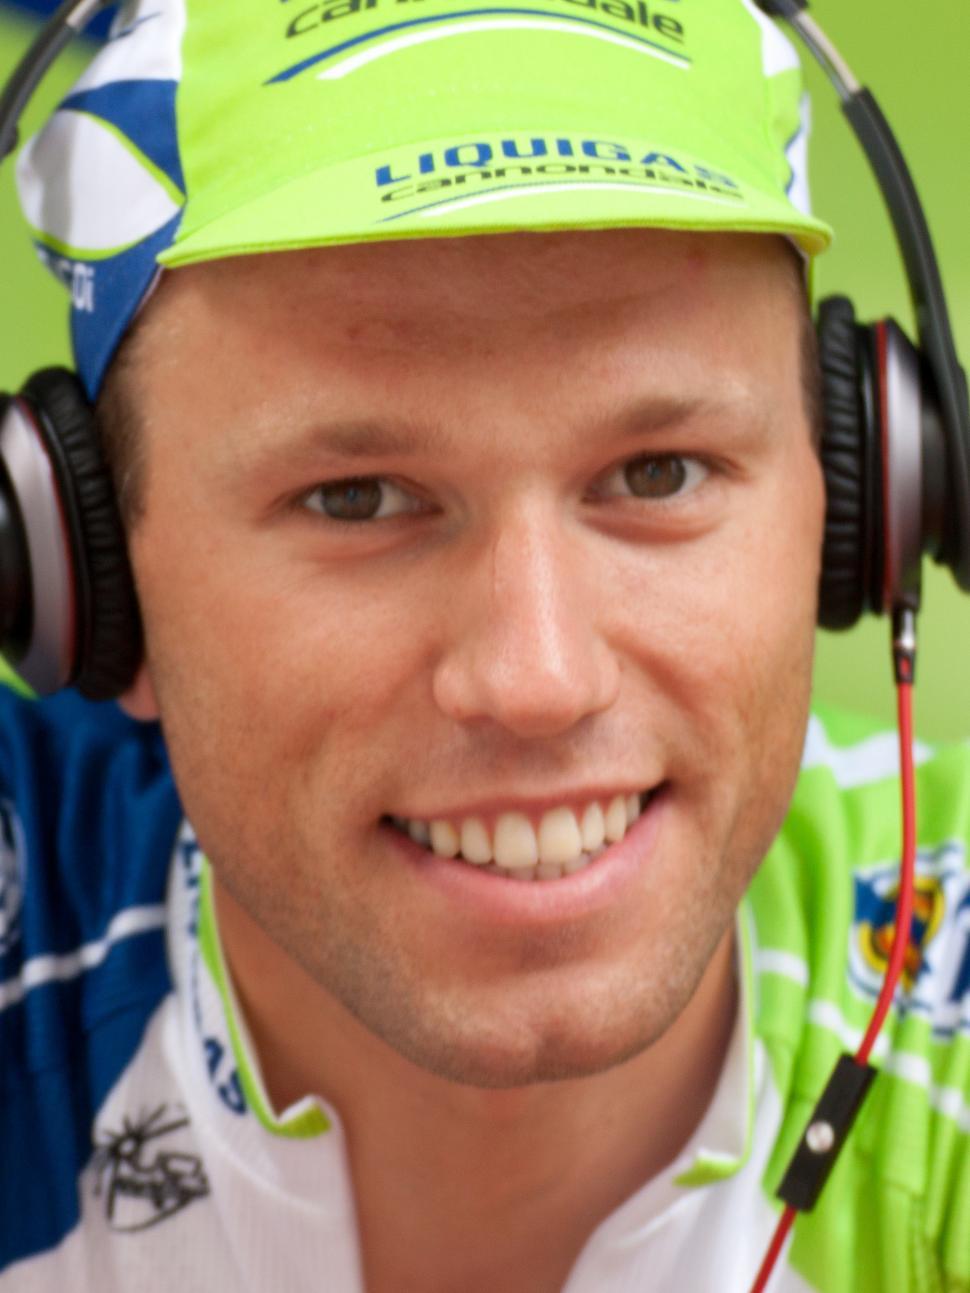 Kristjan_Koren_-_Critérium_du_Dauphiné_2012_-_Prologue_(cropped)